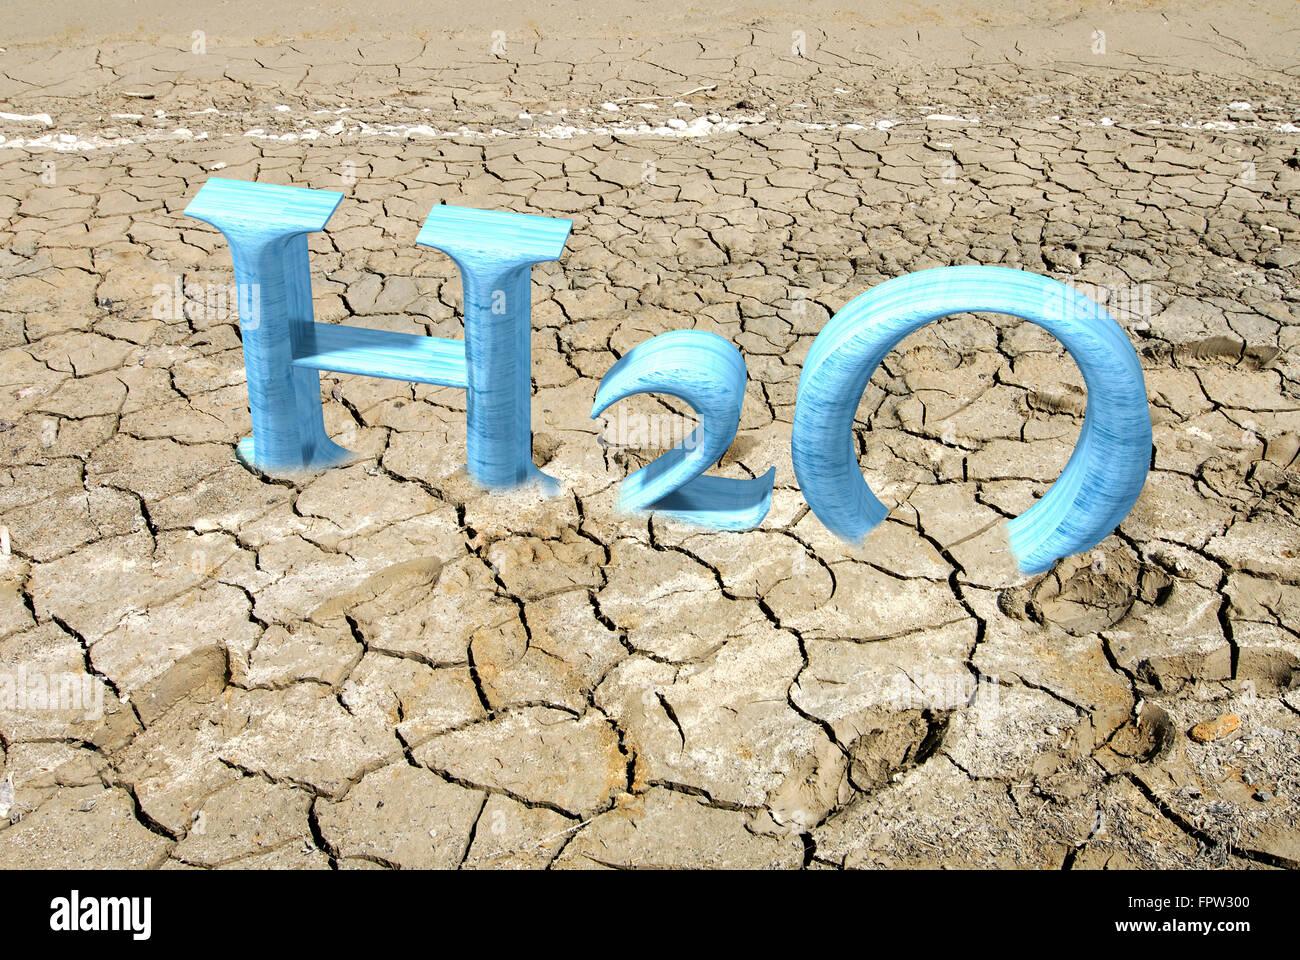 CGI Buchstaben H2O rissigen Boden, 3D-Grafik, symbolisches Bild für Dürre Stockbild